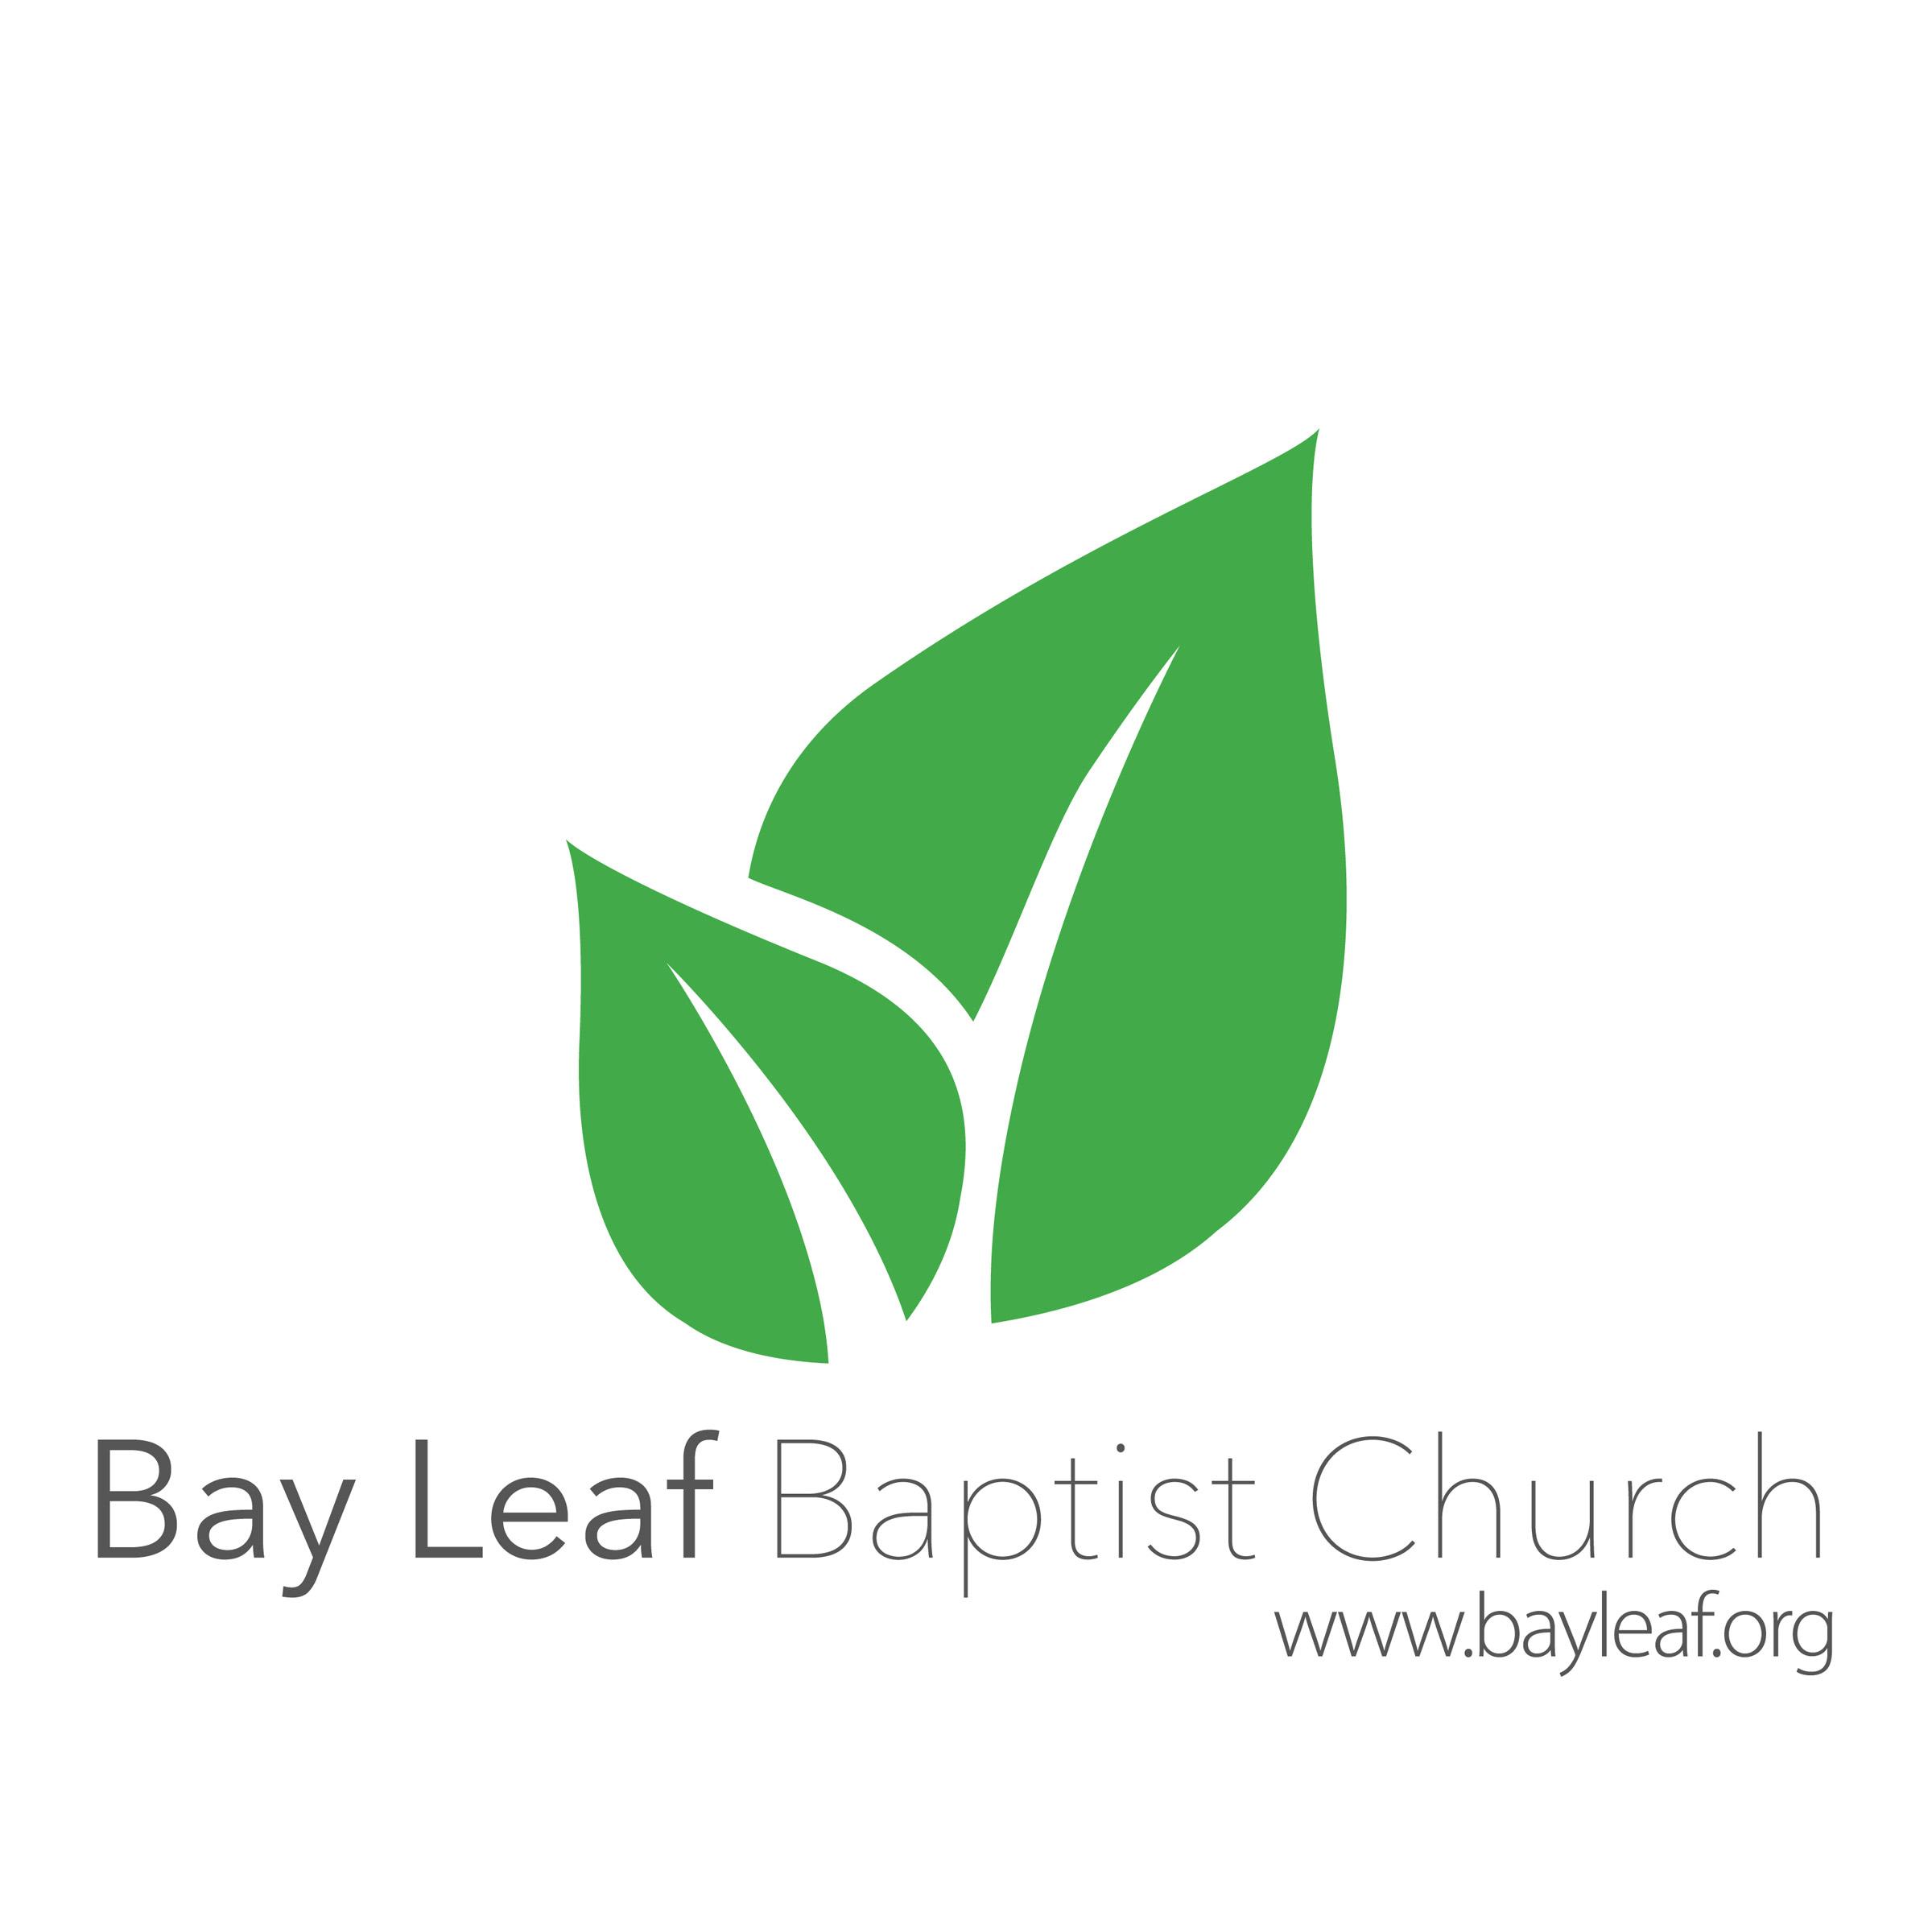 Bay Leaf Baptist Church